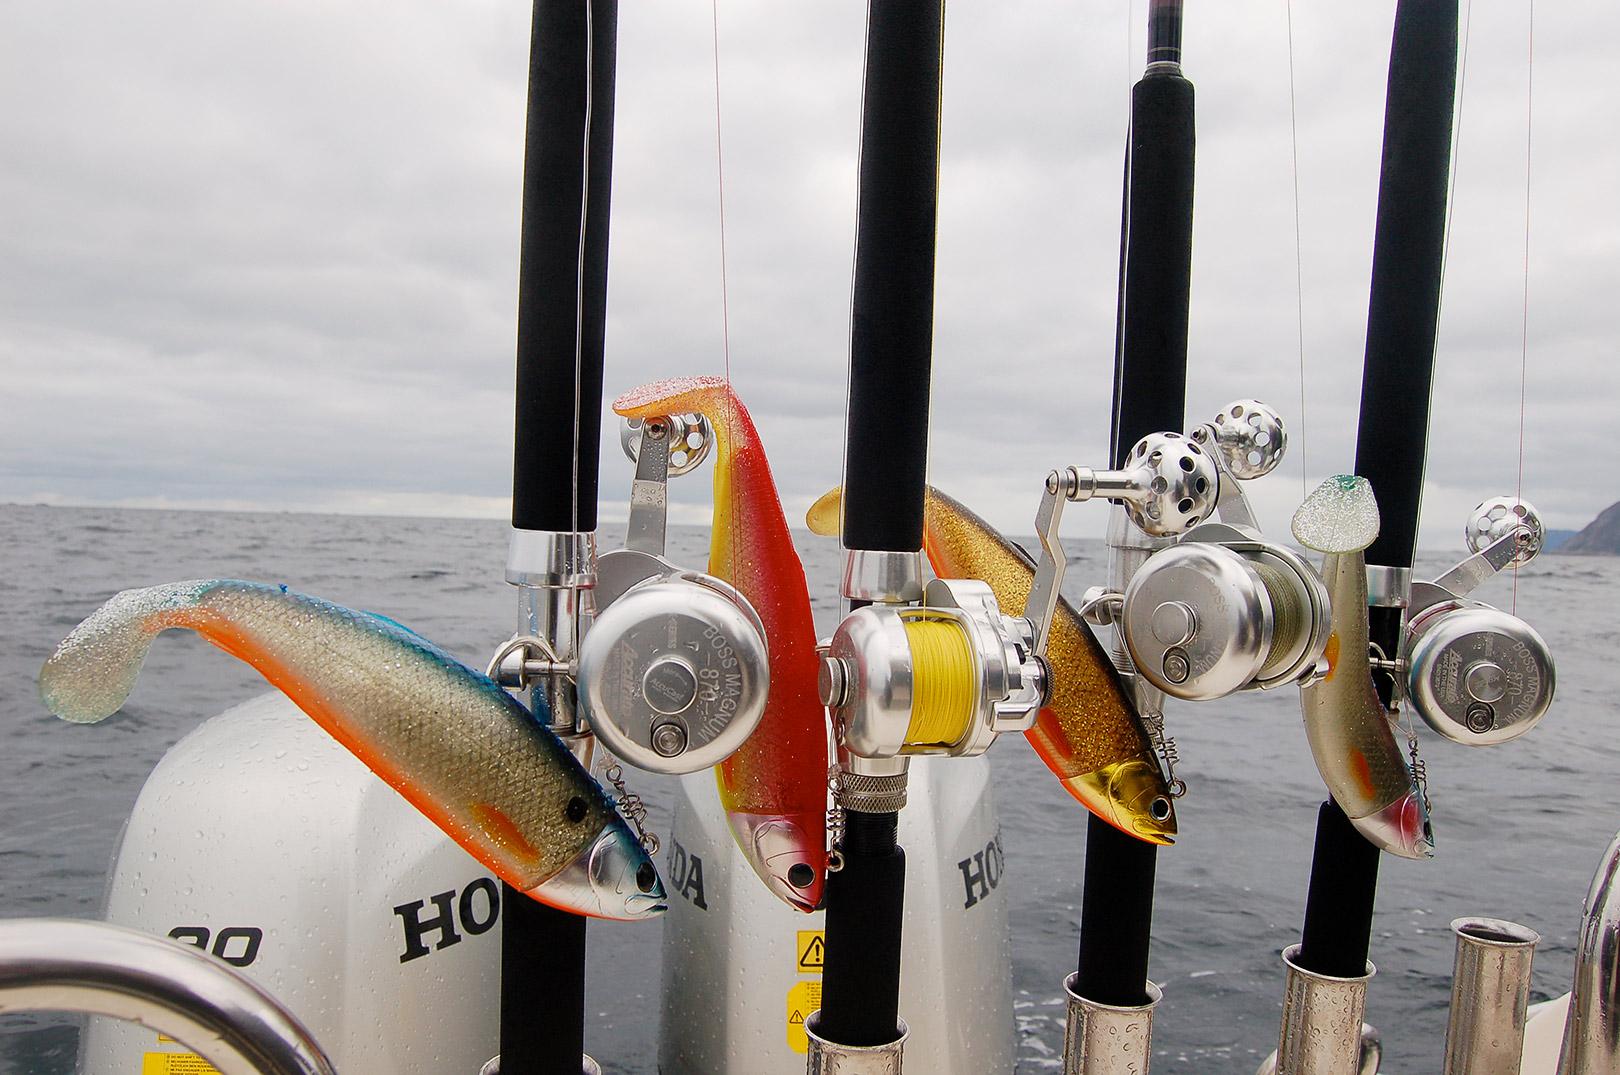 Accurate er det perfekte hjulvalg, når du skal bide skeer med de største og stærkeste fisk - som fx her helleflynder i Nordnorge.